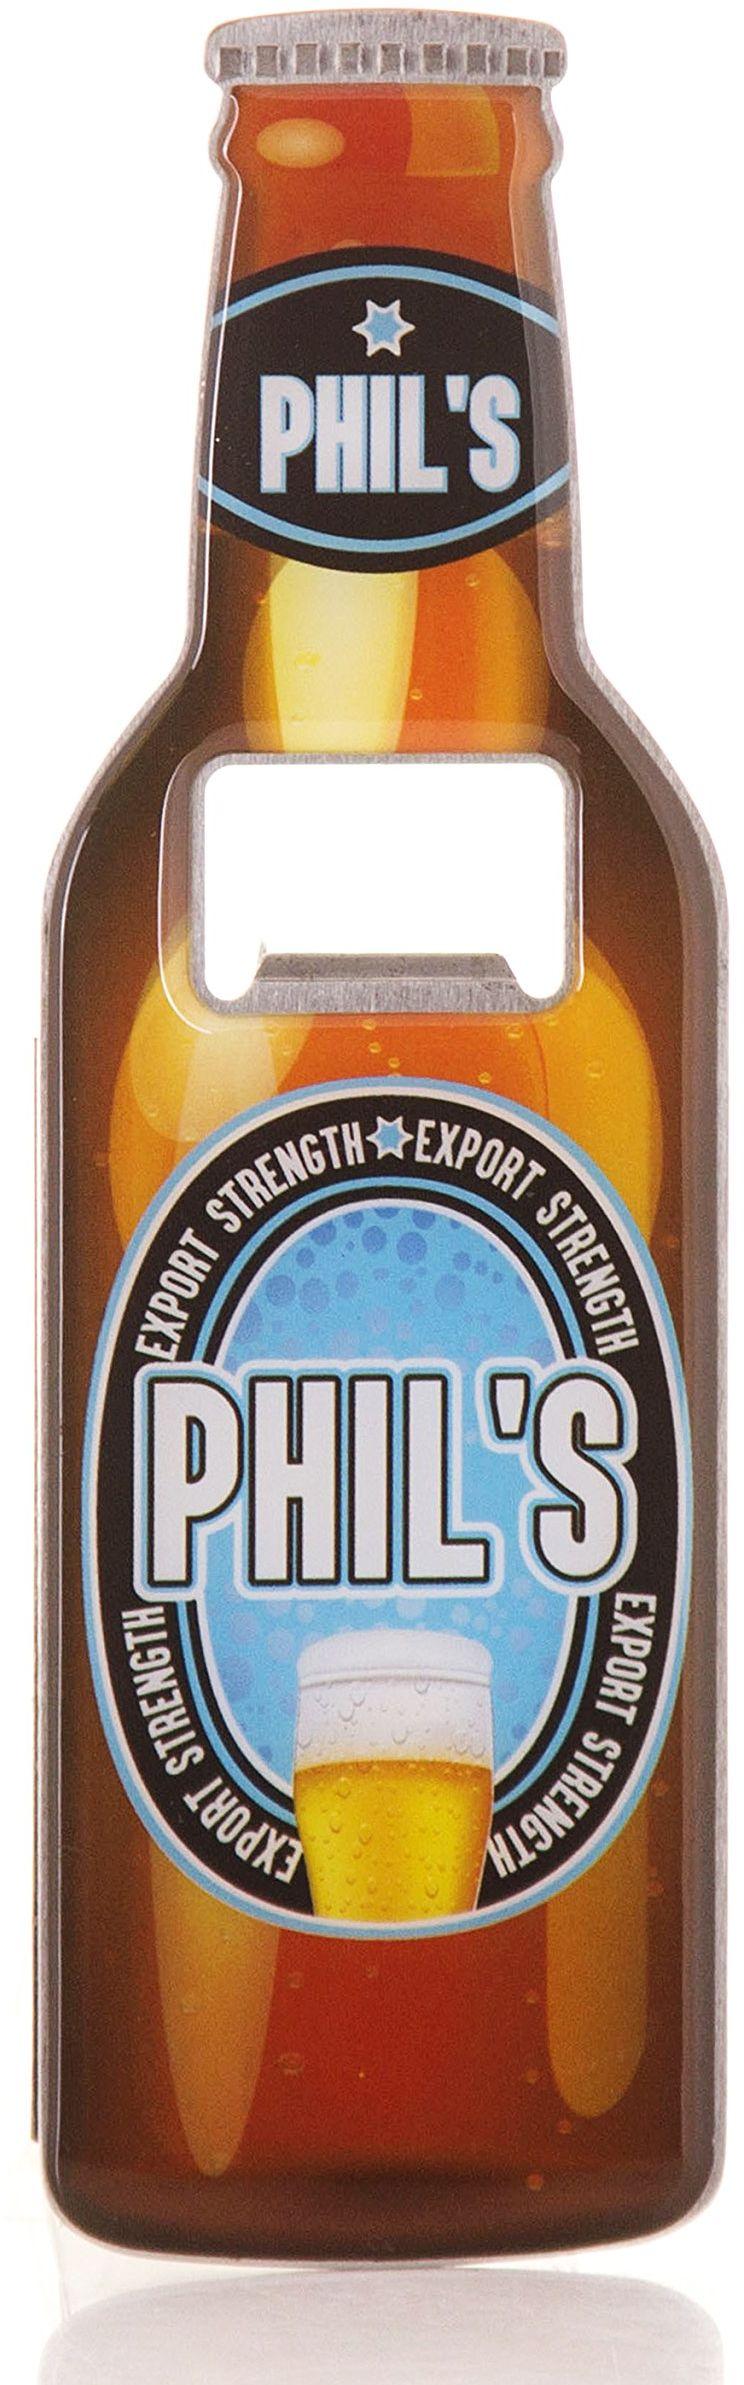 Boxer Gifts Phil otwieracz do butelek piwa, stal nierdzewna, wielokolorowy, 18,5 x 5,8 x 0,4 cm